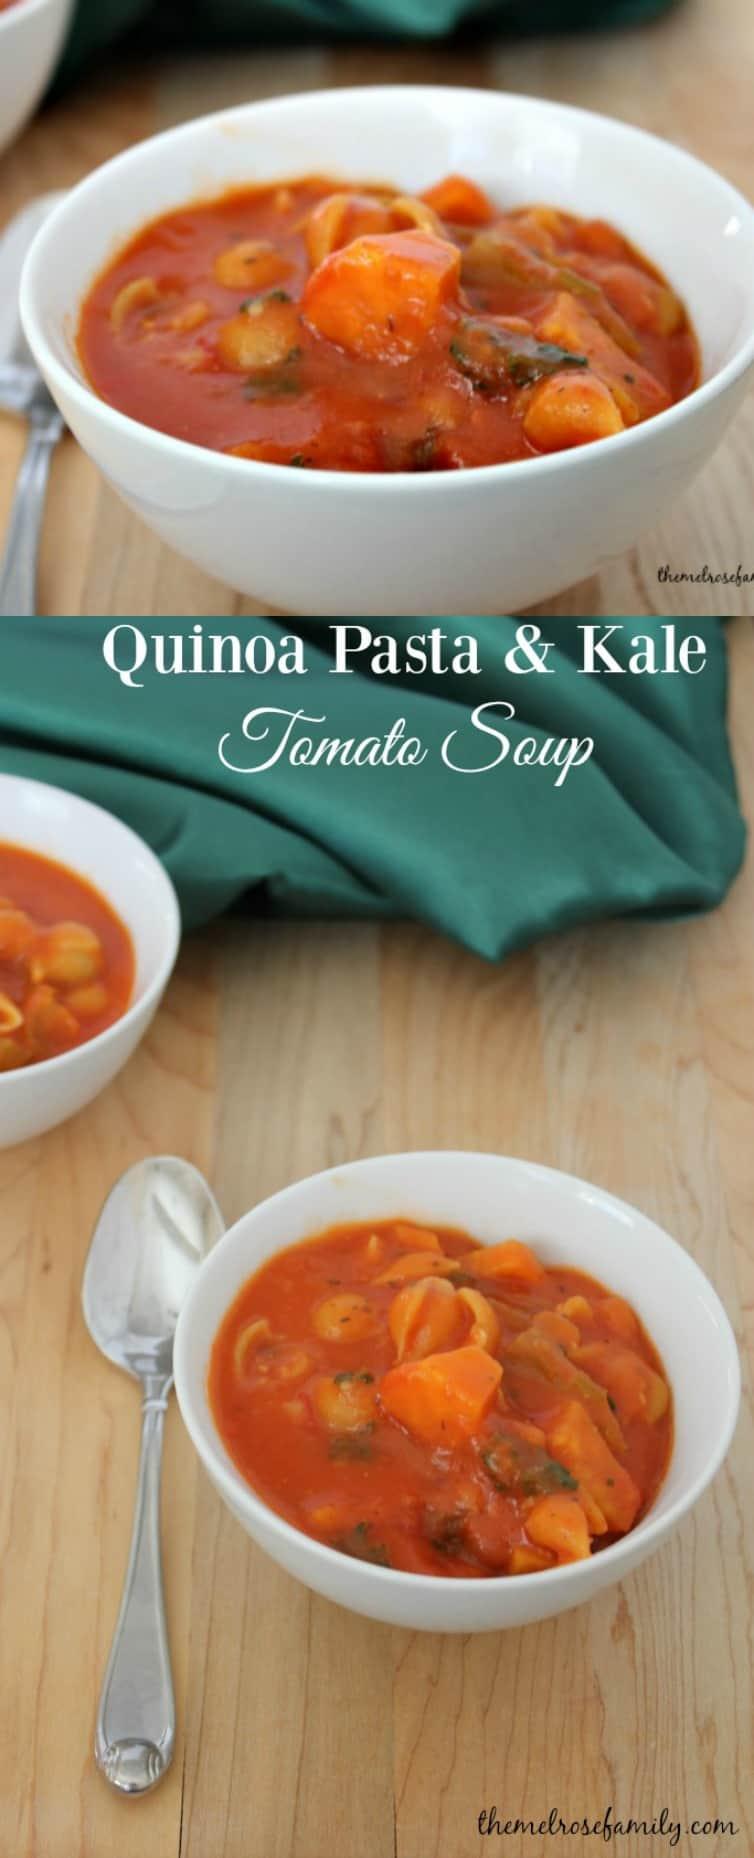 Quinoa Pasta & Kale Tomato Soup #quinoa #tomatosoup #themelrosefamily